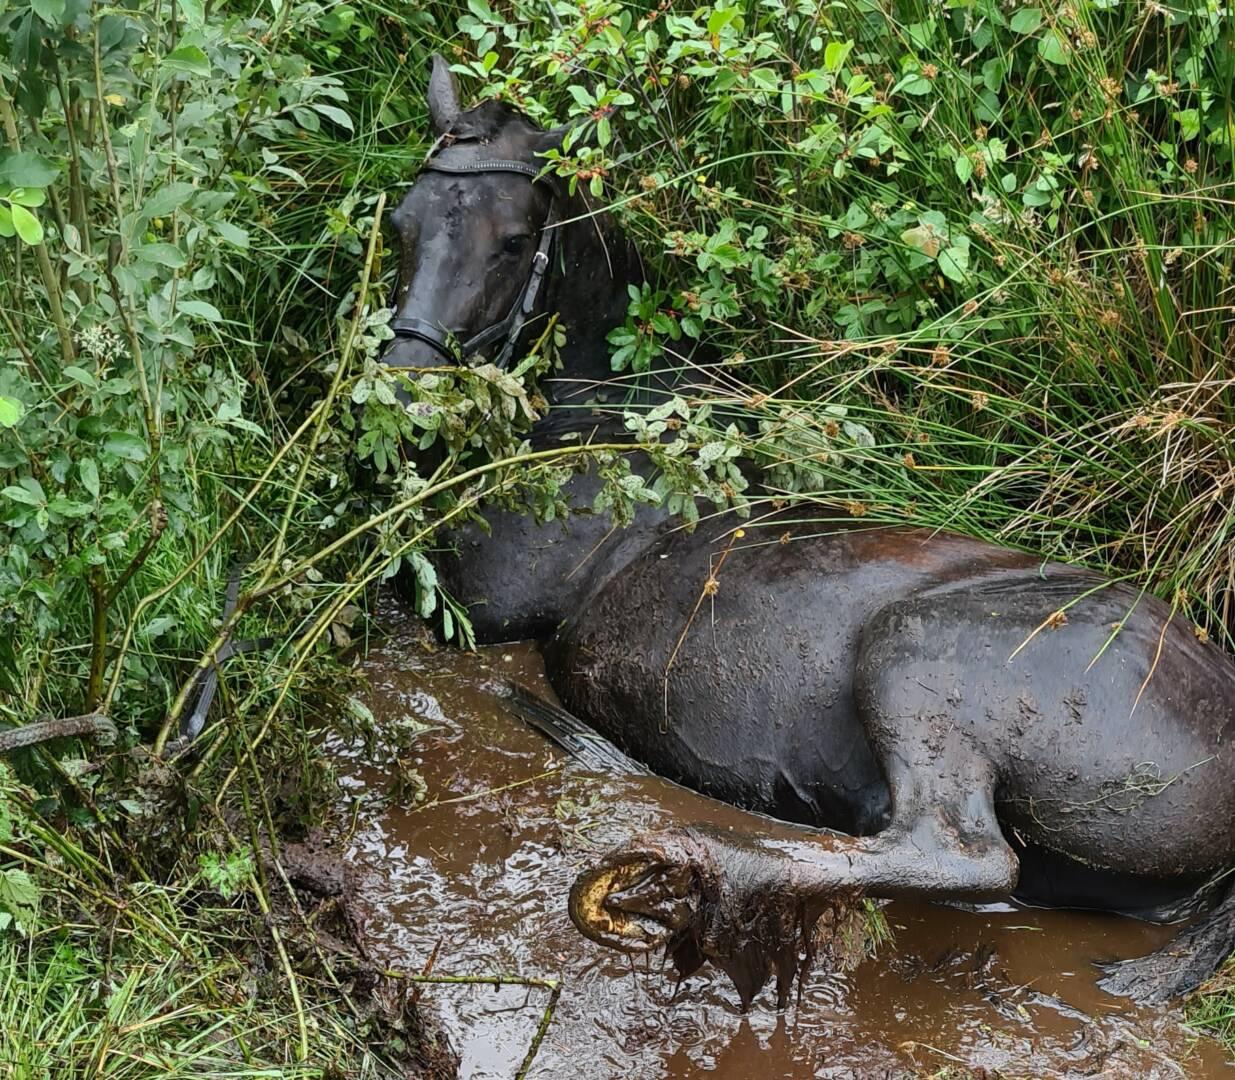 Das Pferd in seiner mißlichen Lage.